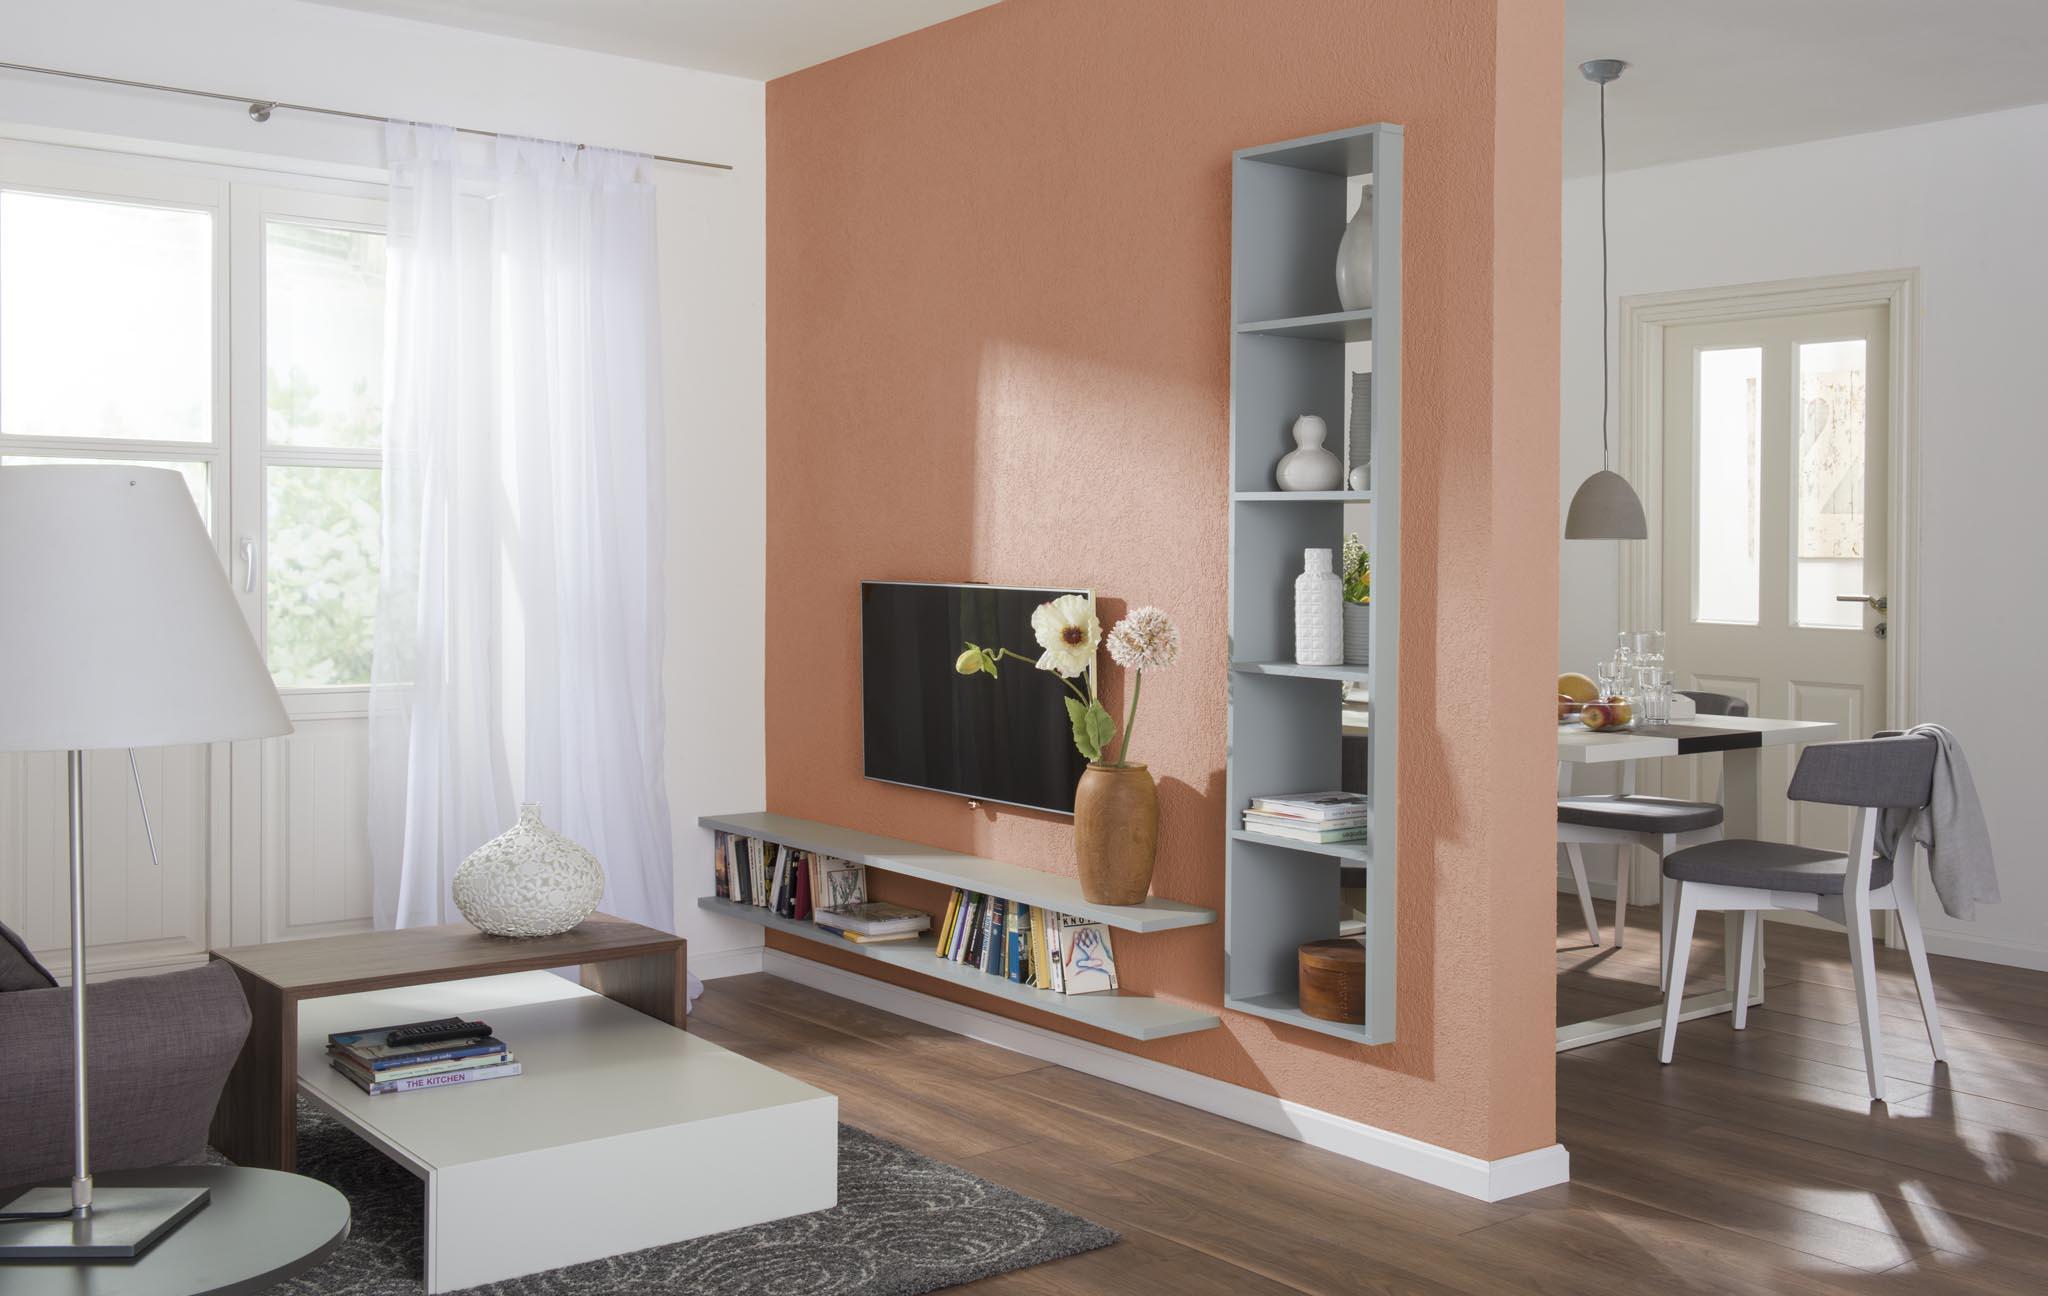 Wie Kann Man Ein Kleines Wohnzimmer Einrichten Zeitgenössisch On Beabsichtigt Gallery Of Mit Essbereich Kleine 9